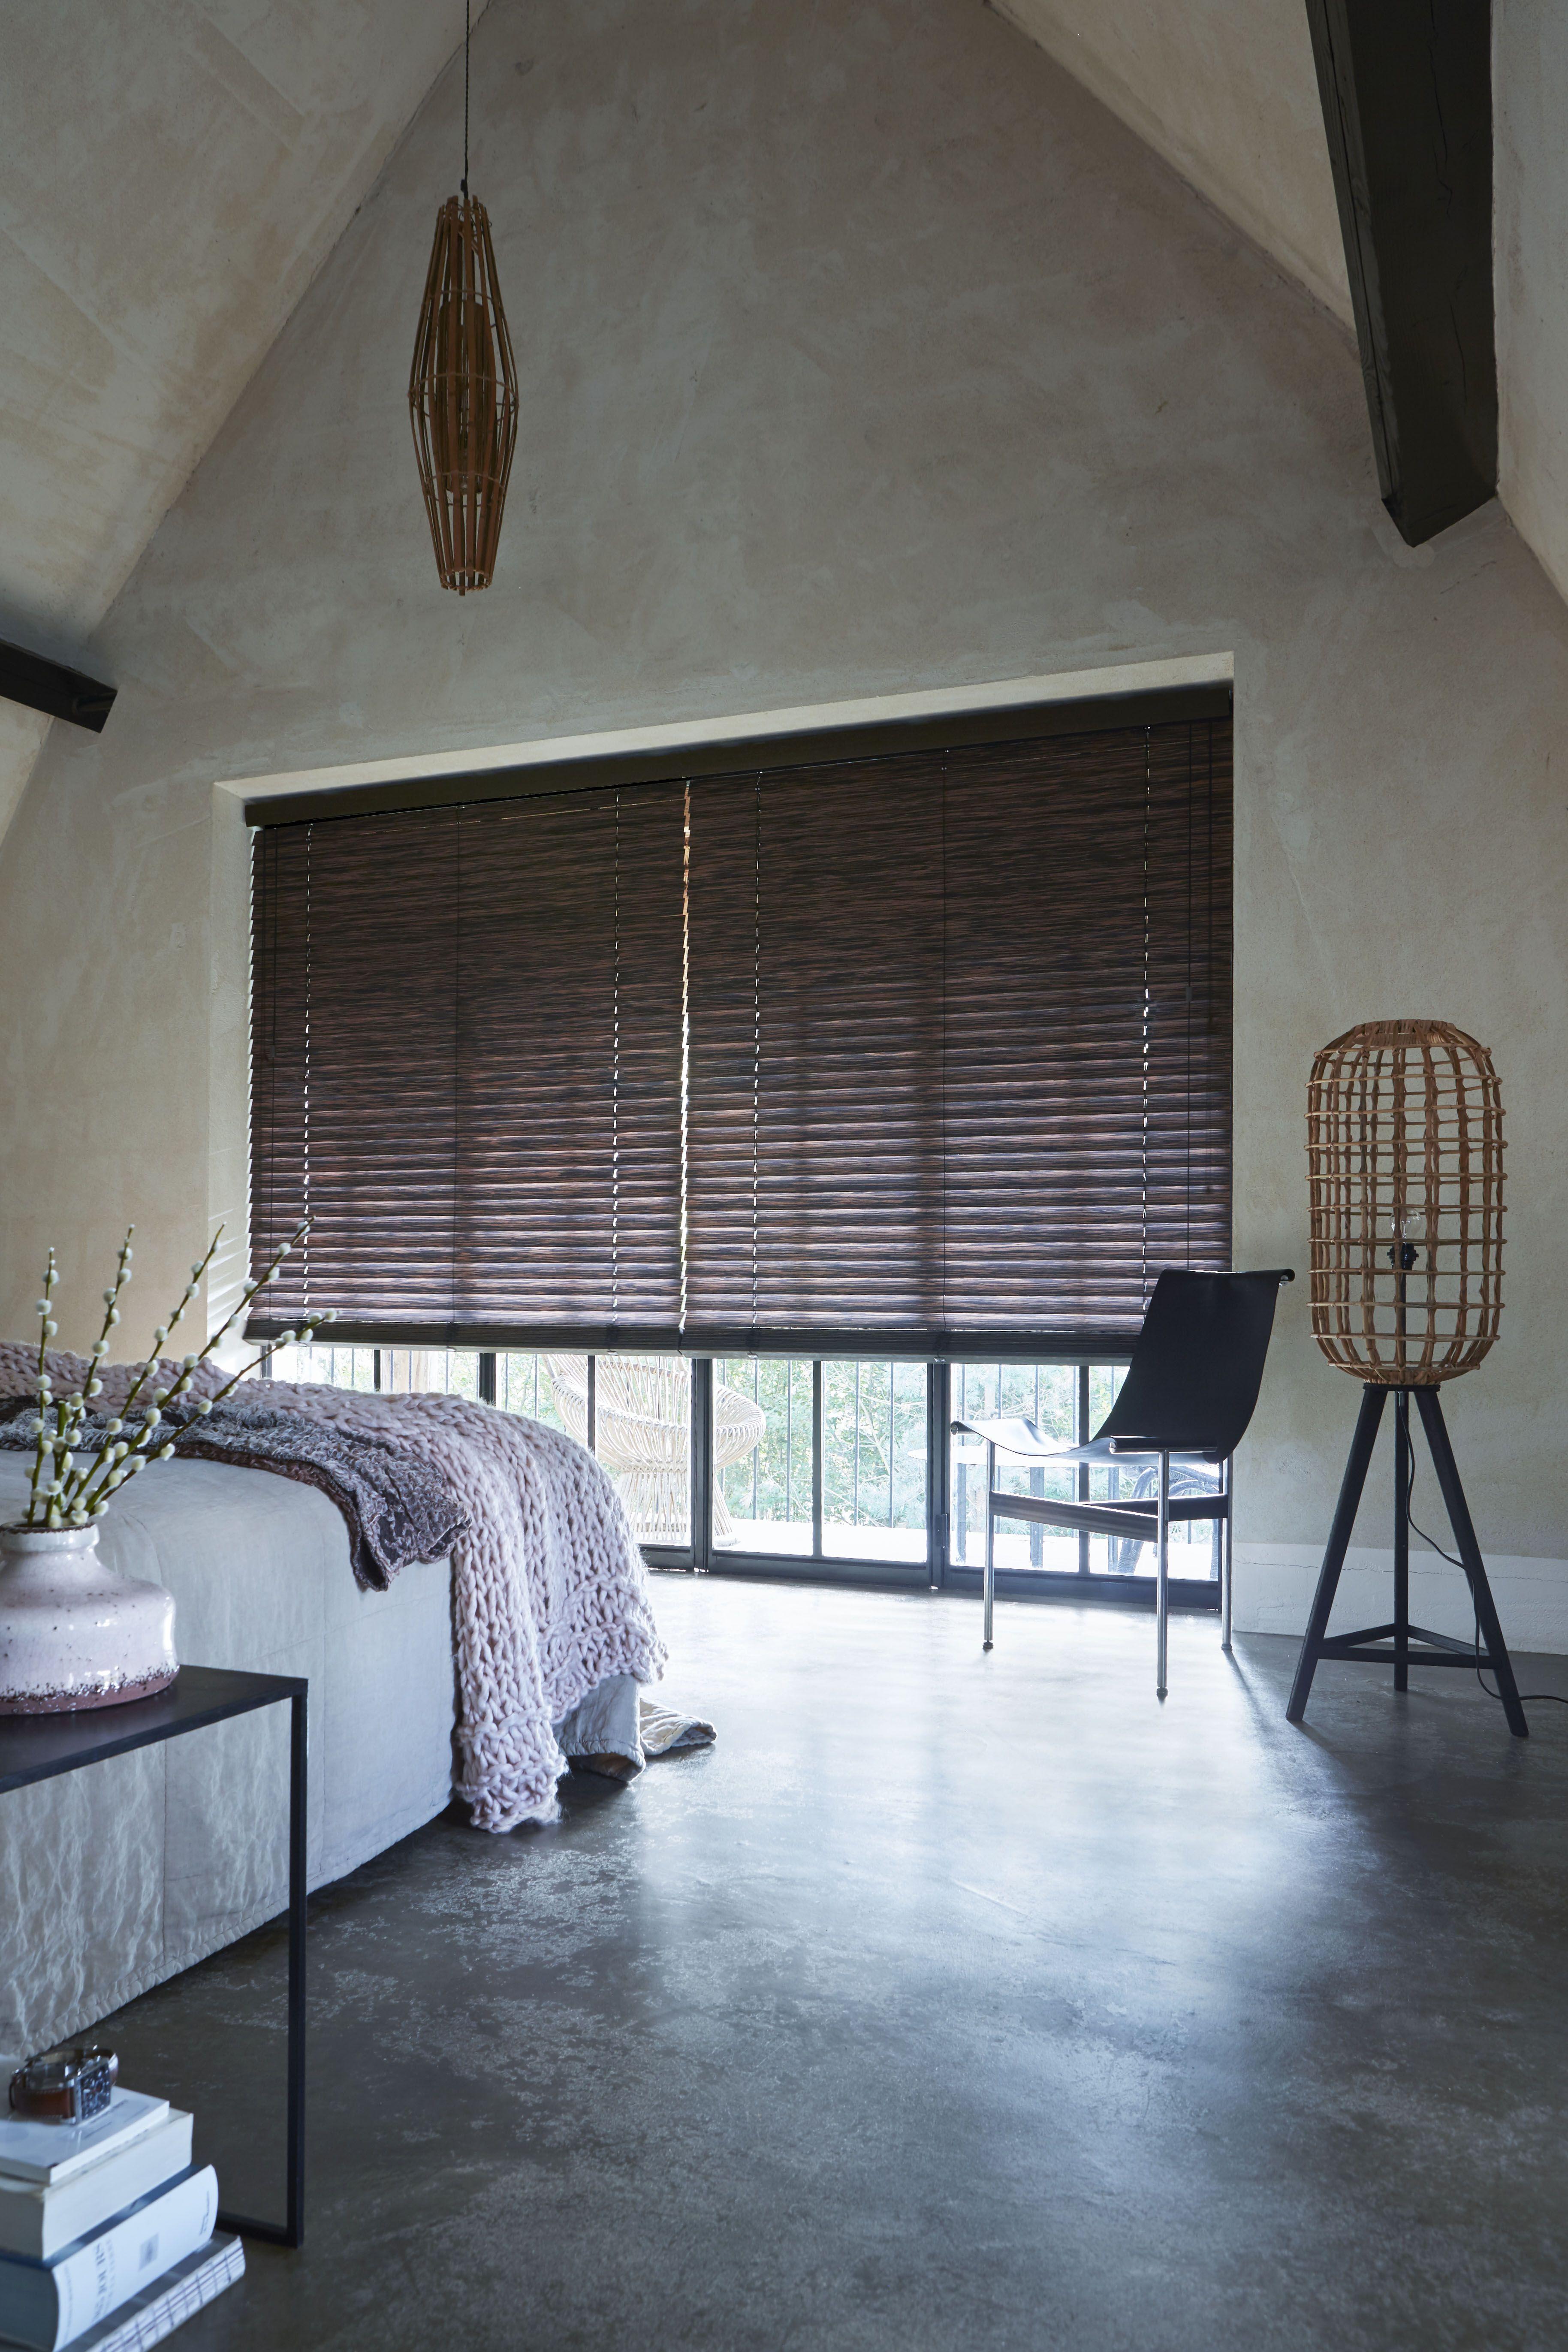 horizontale jaloezien van bece bece horizontalejaloezie interieur inspiratie hout